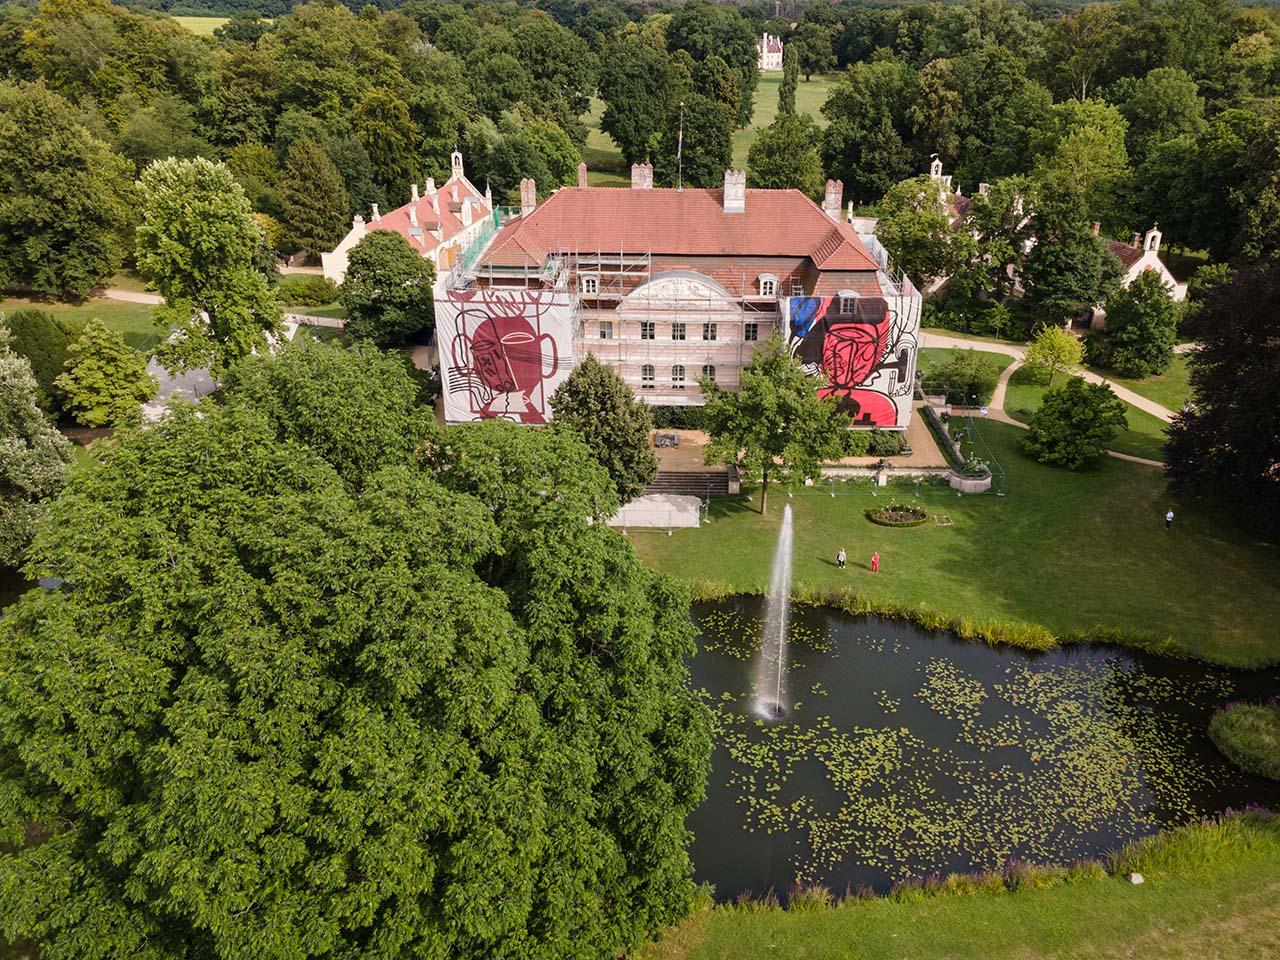 Luftbild vom Schloss Branitz mit Baugerüst. Am Baugerüst sind mehrere Planen mit Motiven des Künstlers Hans Scheuerecker angebracht